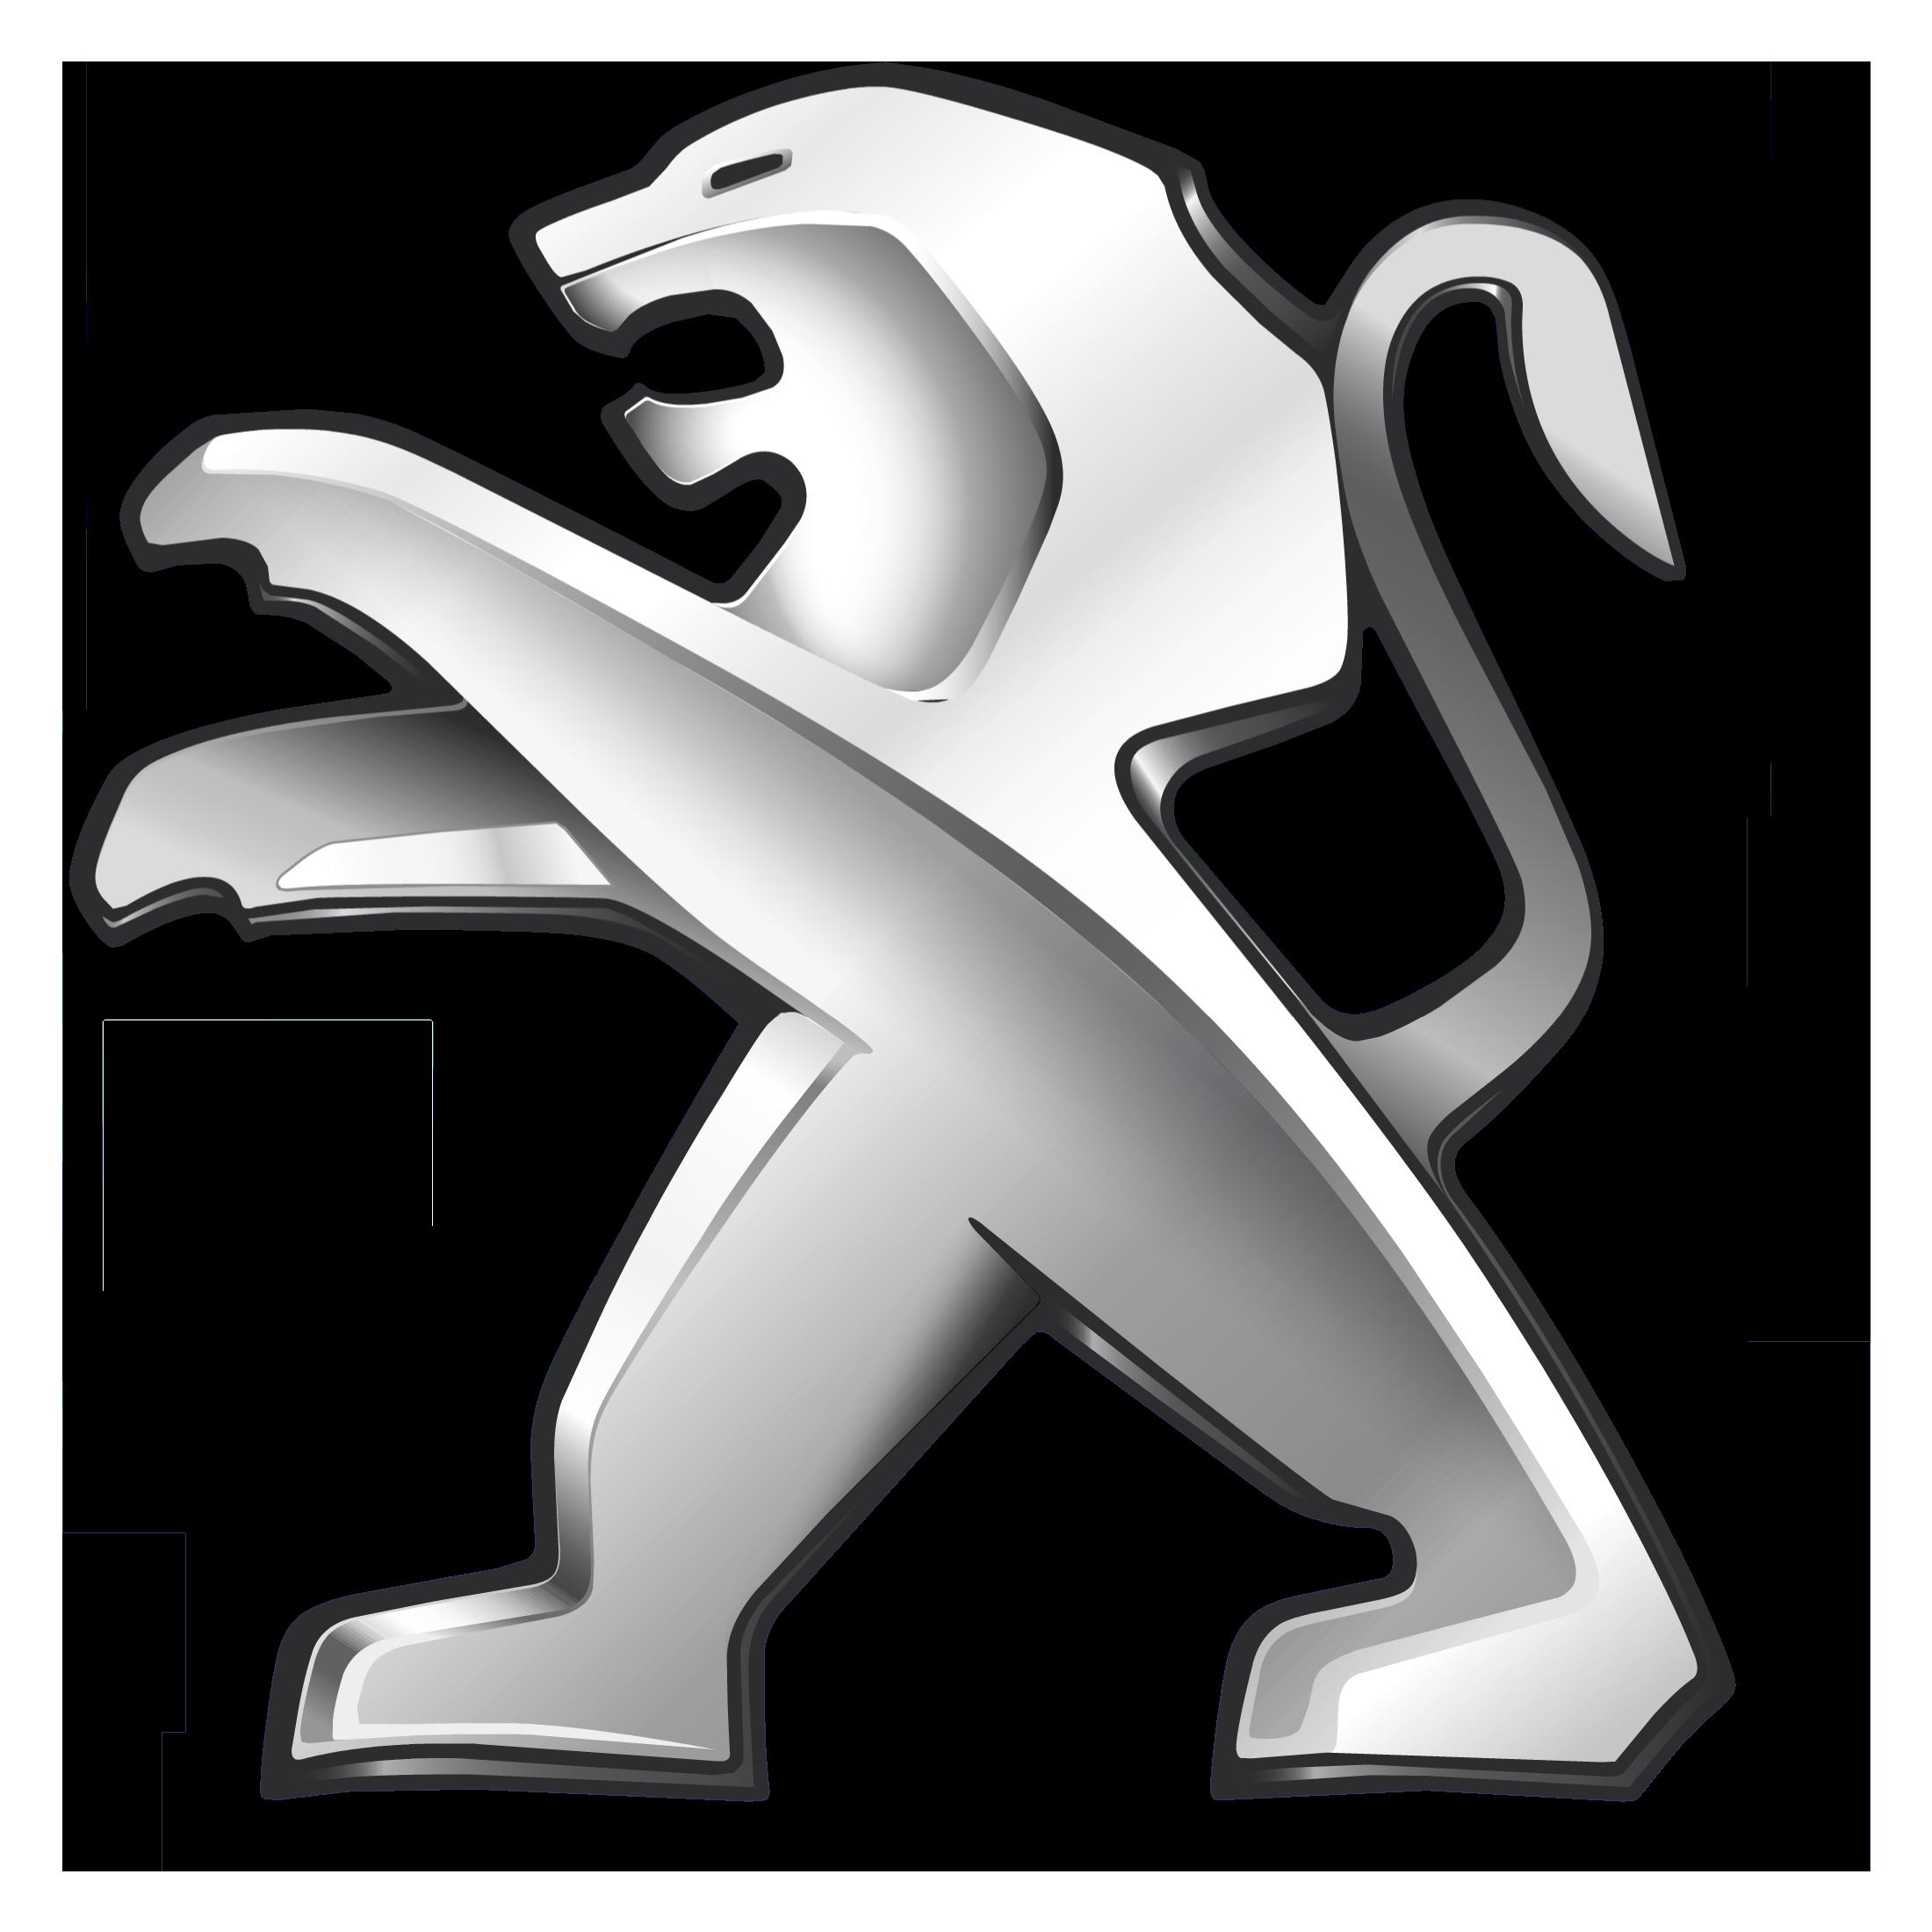 Peugeot Clipart.